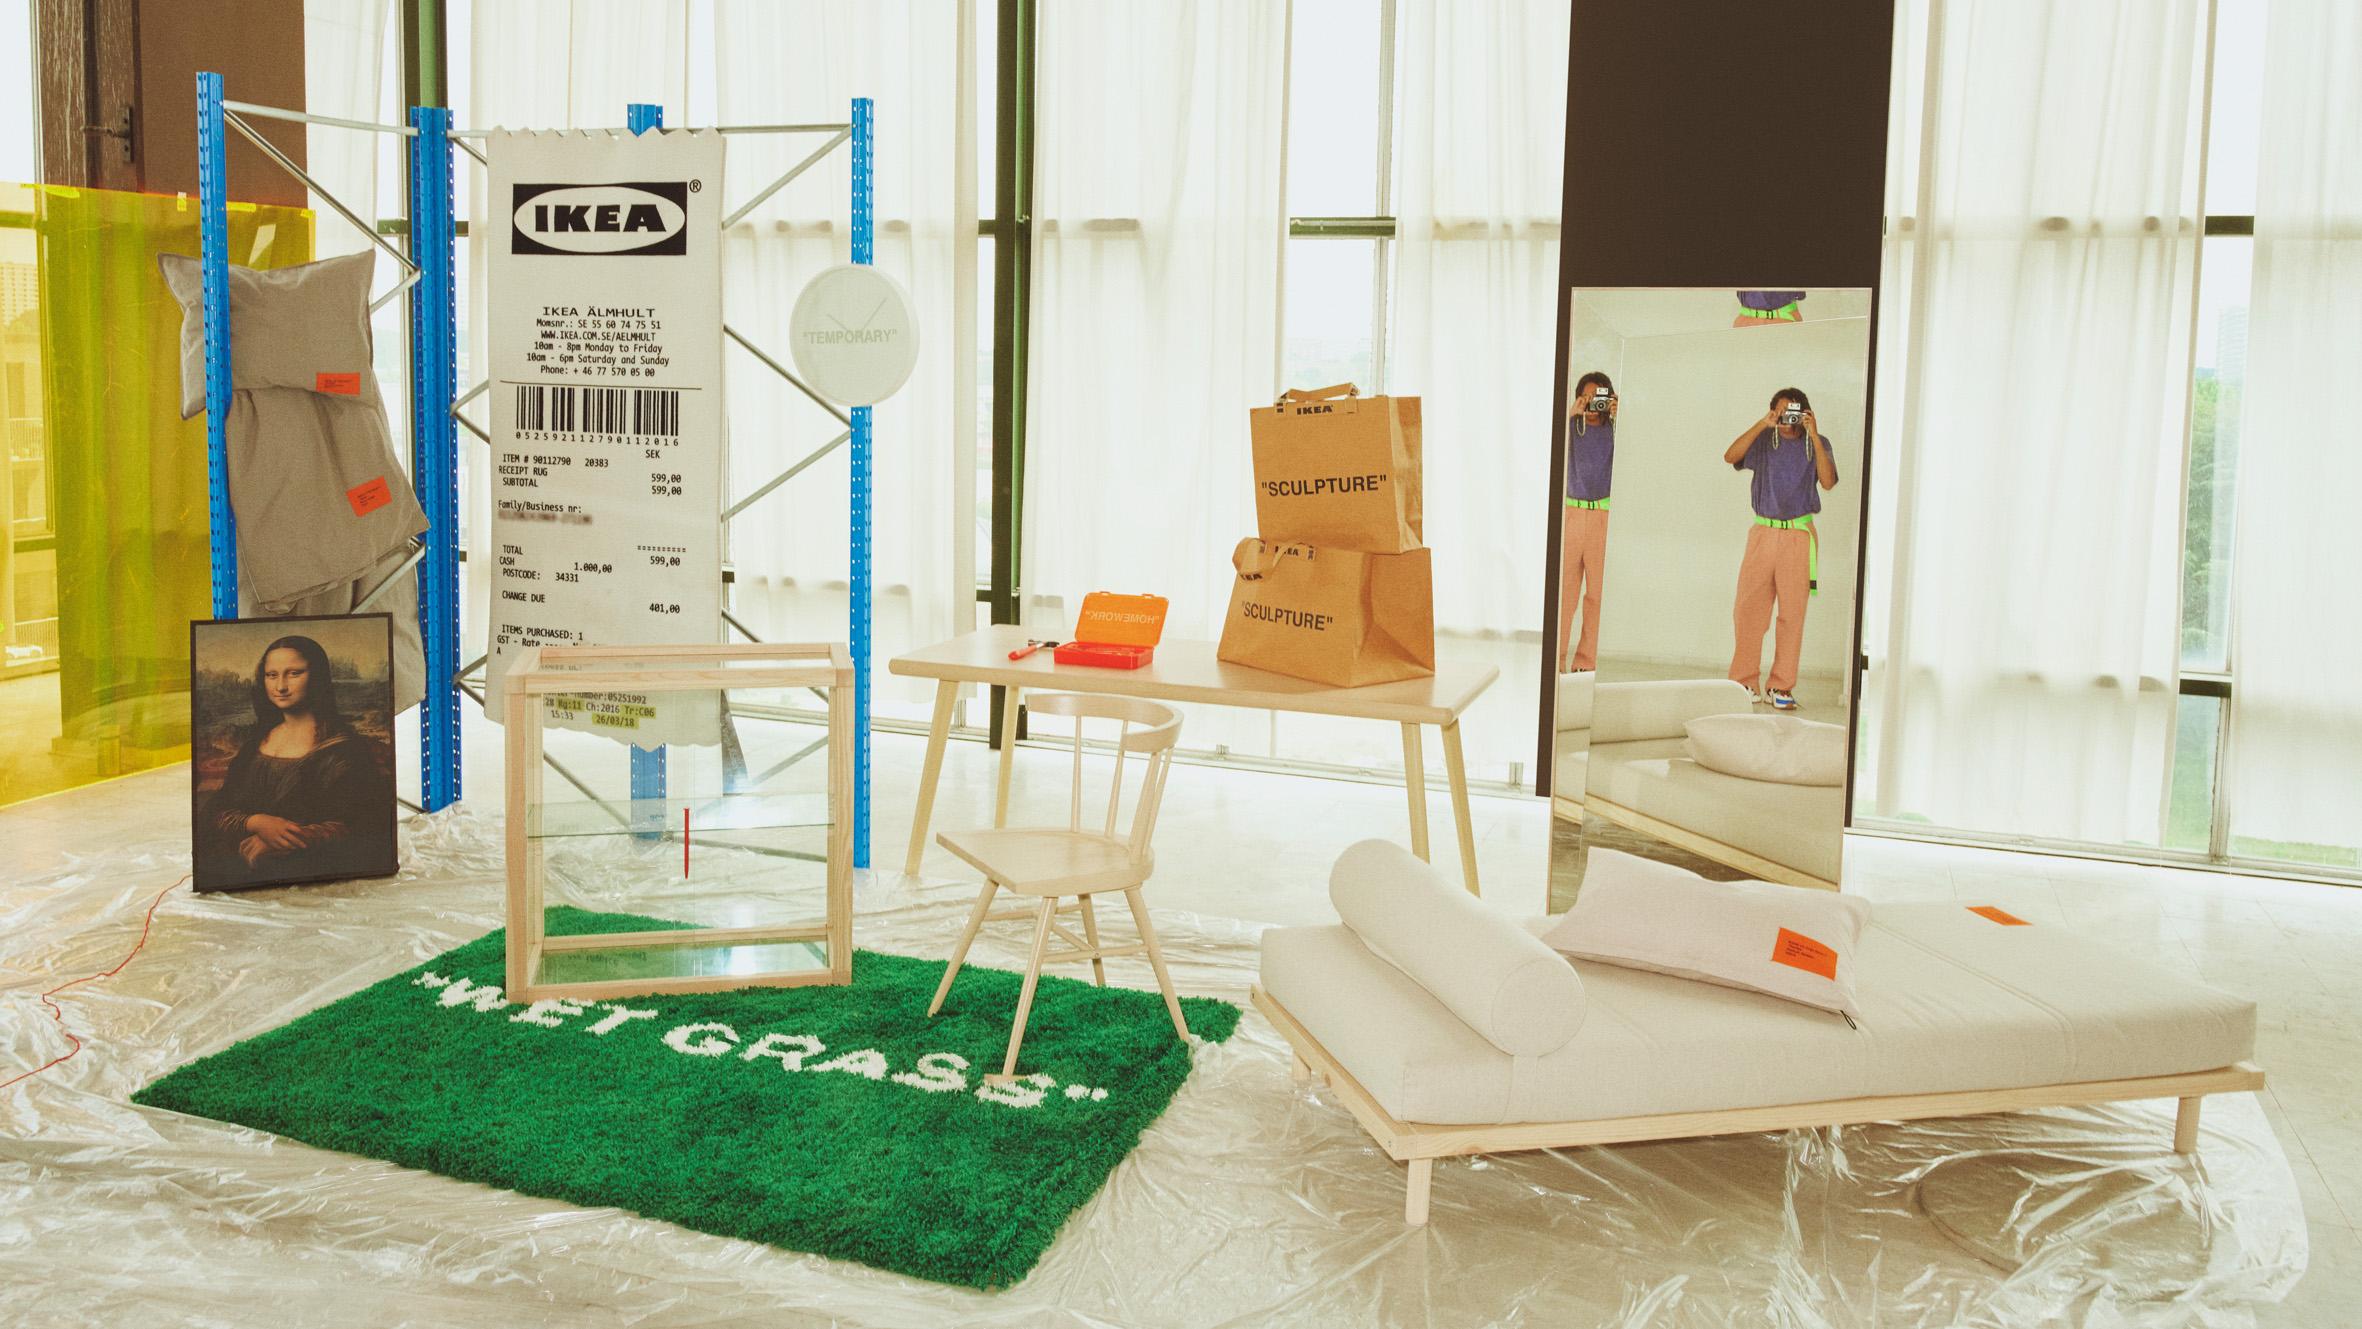 Full Size of Sonnenliege Ikea Aktuellen Austria Pressroom Sofa Mit Schlaffunktion Betten Bei Modulküche 160x200 Miniküche Küche Kosten Kaufen Wohnzimmer Sonnenliege Ikea